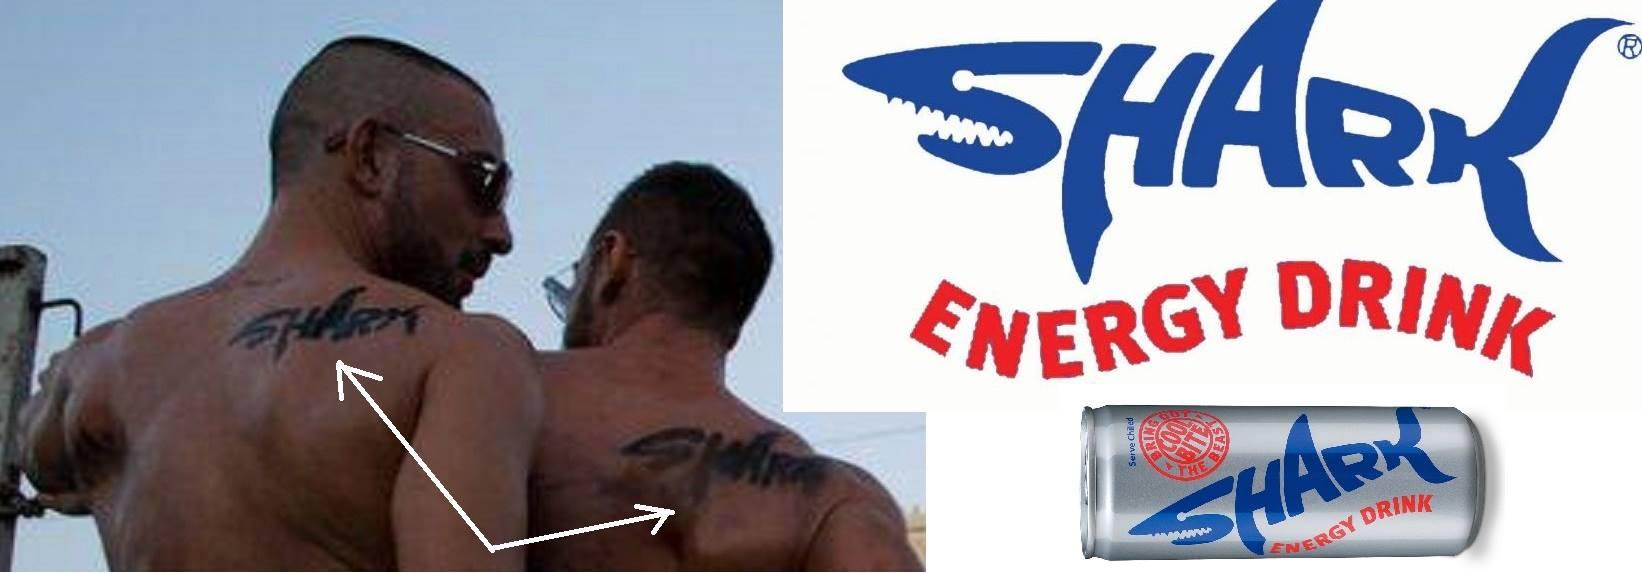 Ὑπάλληλοι διαφημιστικῶν ἑταιρειῶν οἱ ...gay  τῶν παρελάσεων!!!2